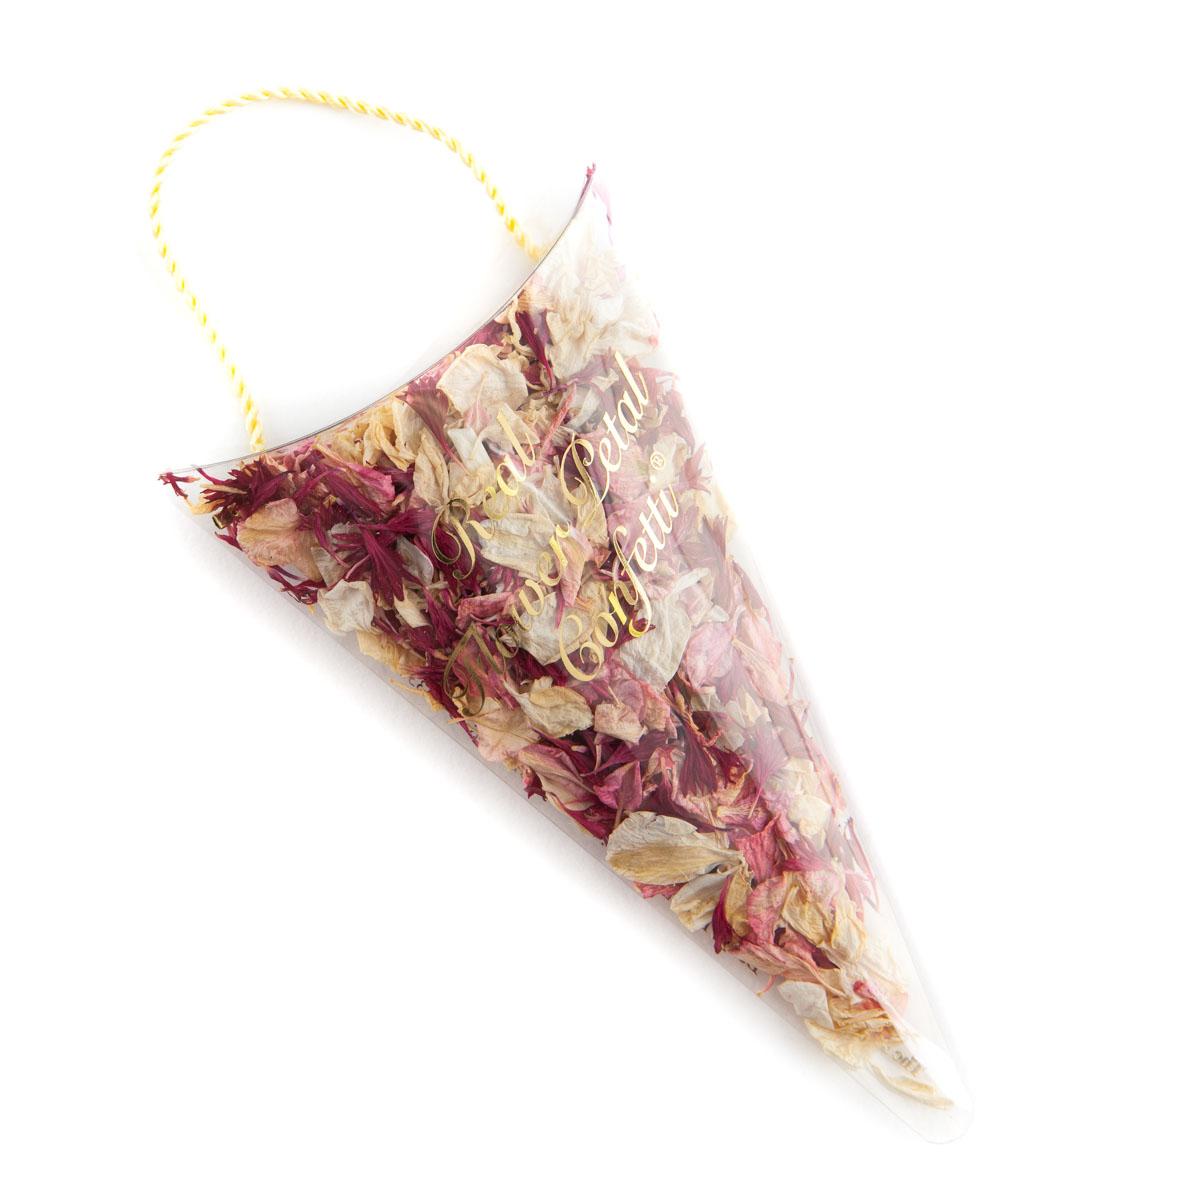 Ruby Twist confetti petals - Biodegradable Confetti - Real Flower Petal Confetti - Sachet